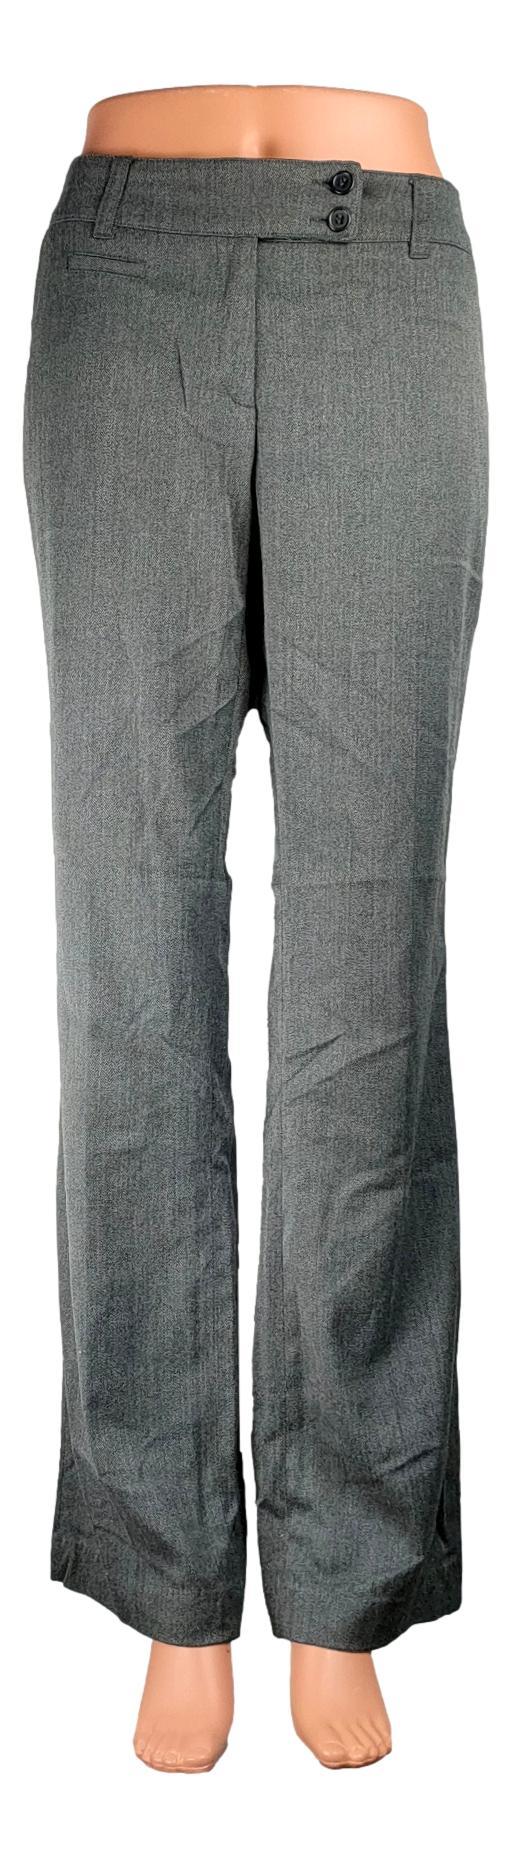 Pantalon Cache Cache -Taille 42